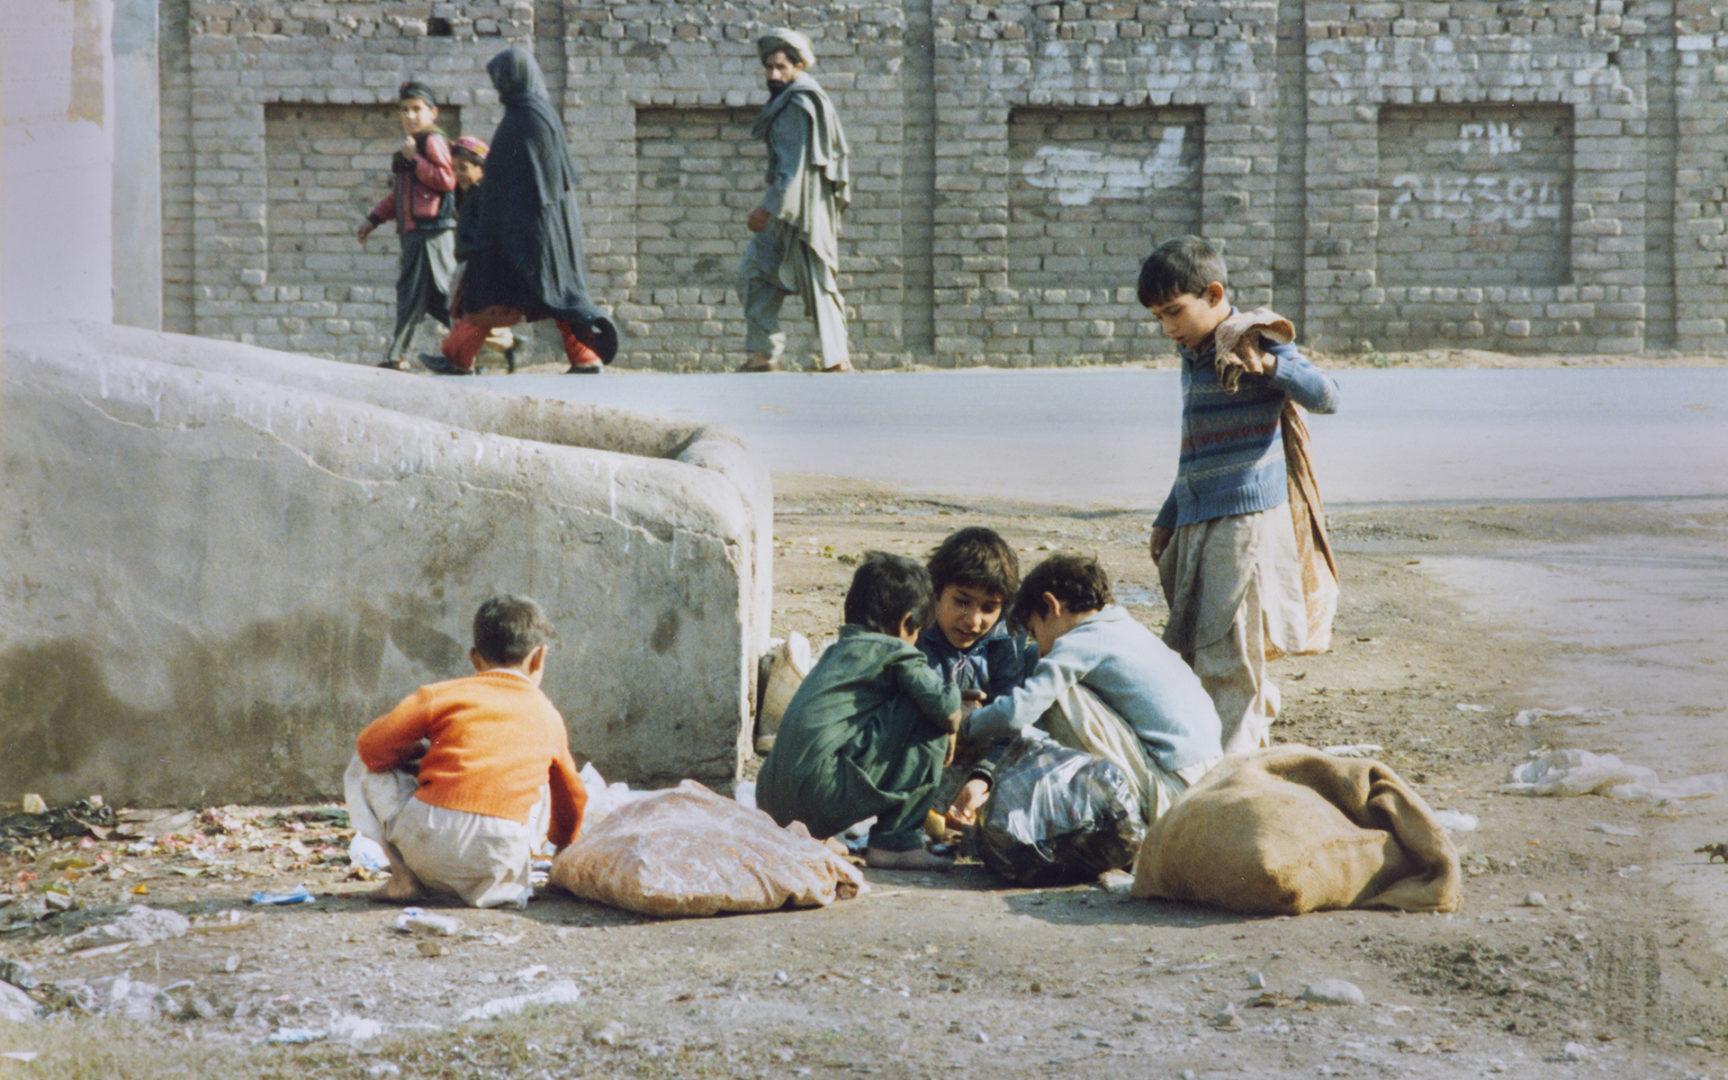 Pakistanissa lapset keräävät sairaalasta saadut roskat ja etsivät joukosta myytäväksi kelpaavaa.